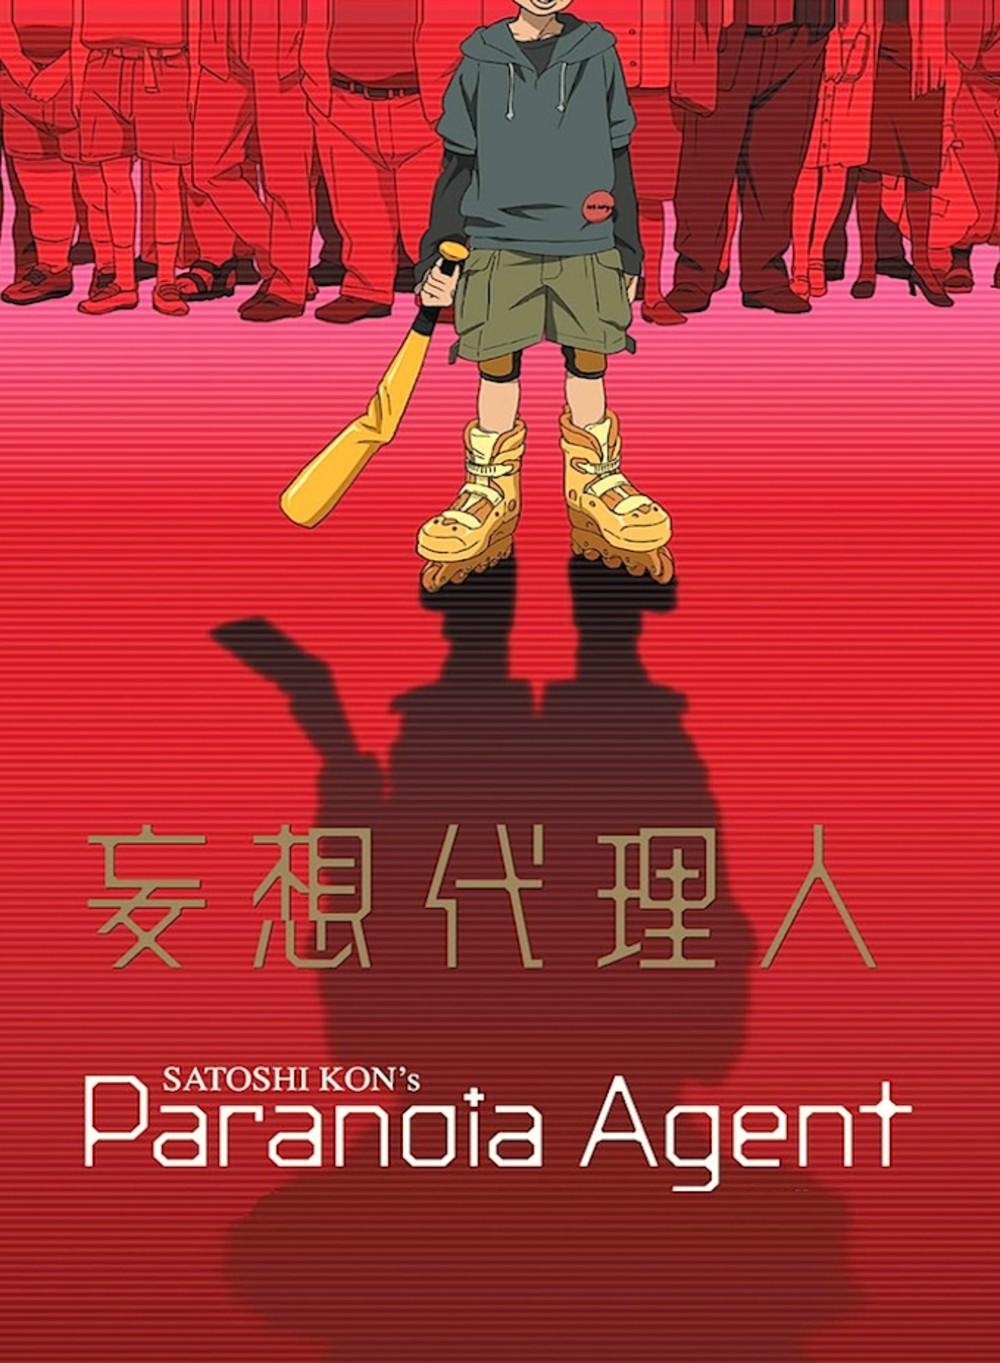 Paranoia agnet